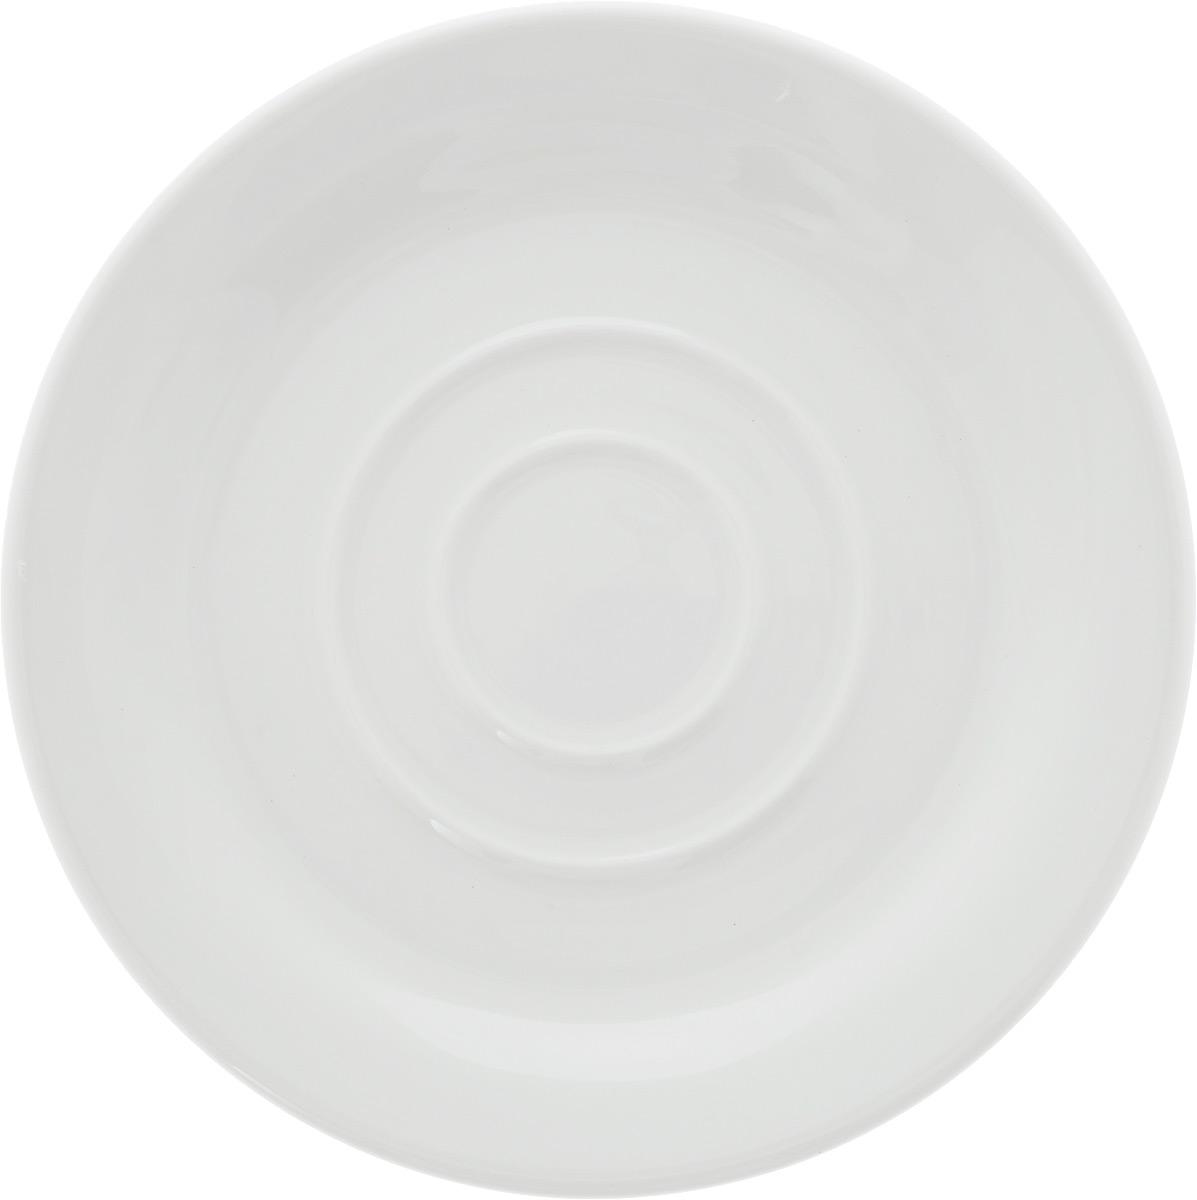 Блюдце Ariane Прайм, для кружки 400 мл, диаметр 16 смAPRARN14016Блюдце Ariane Прайм выполнено из первоклассного фарфора в однотонном классическом дизайне. Фарфор Ariane, сделанный из высококачественного сырья, способен выдерживать любые интенсивные нагрузки и использование в индустрии общественного питания, которое известно своими высокими стандартами качества. Уникальный состав сырья, новейшие технологии и контроль качества гарантируют: - снижение риска сколов, - повышение термической и механической прочности, - высокую сопротивляемость шоковым воздействиям, - высокую устойчивость к истиранию, - устойчивость к царапинам, - возможность использования в духовых, микроволновых печах и посудомоечных машинах без потери внешнего вида, - гладкий и блестящий внешний вид, - абсолютную функциональность, - относительную безопасность в случае боя, защиту от деформации.